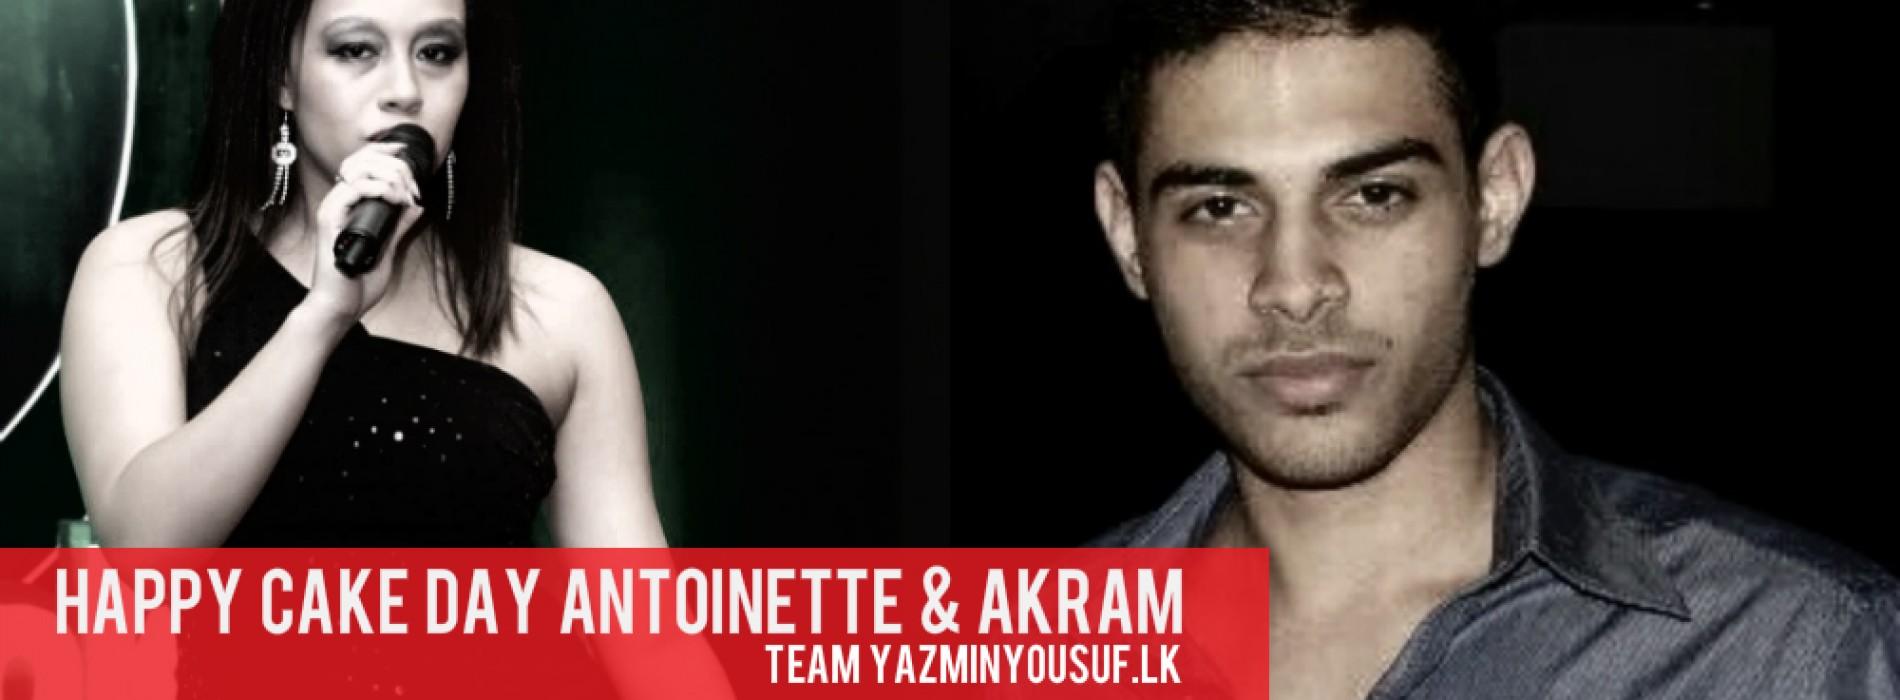 Happy Cake Day Antionette & Akram